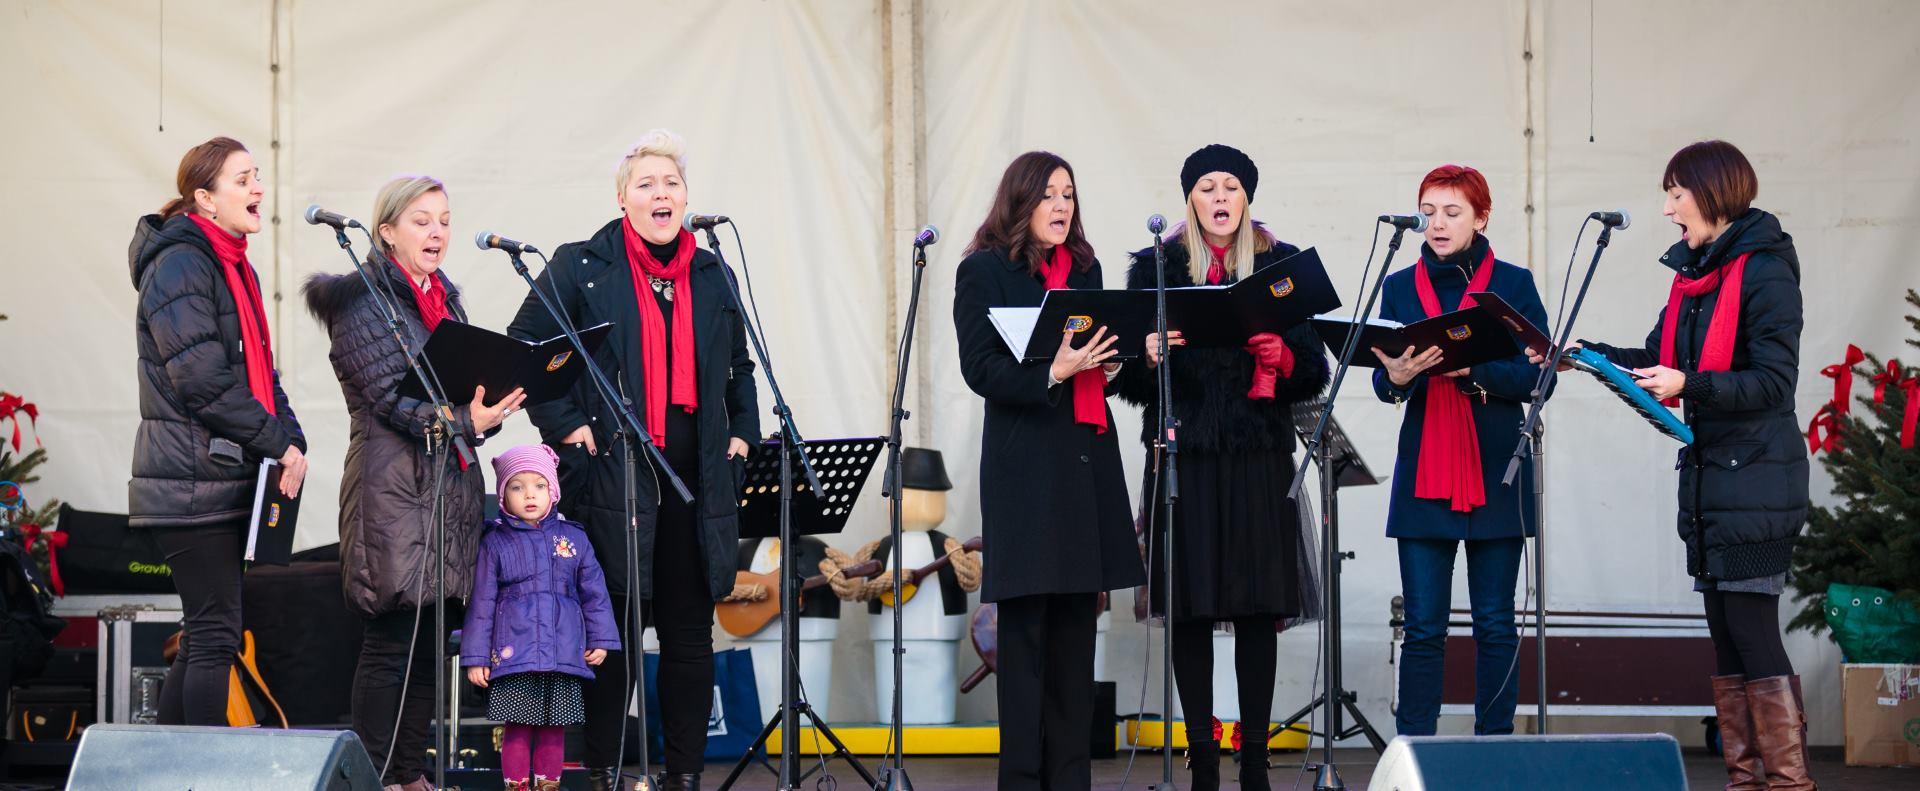 FOTO: Marija Borić, Ana Begić Tahiri i Damir Kedžo oduševljeni Adventom u Mariji Bistrici